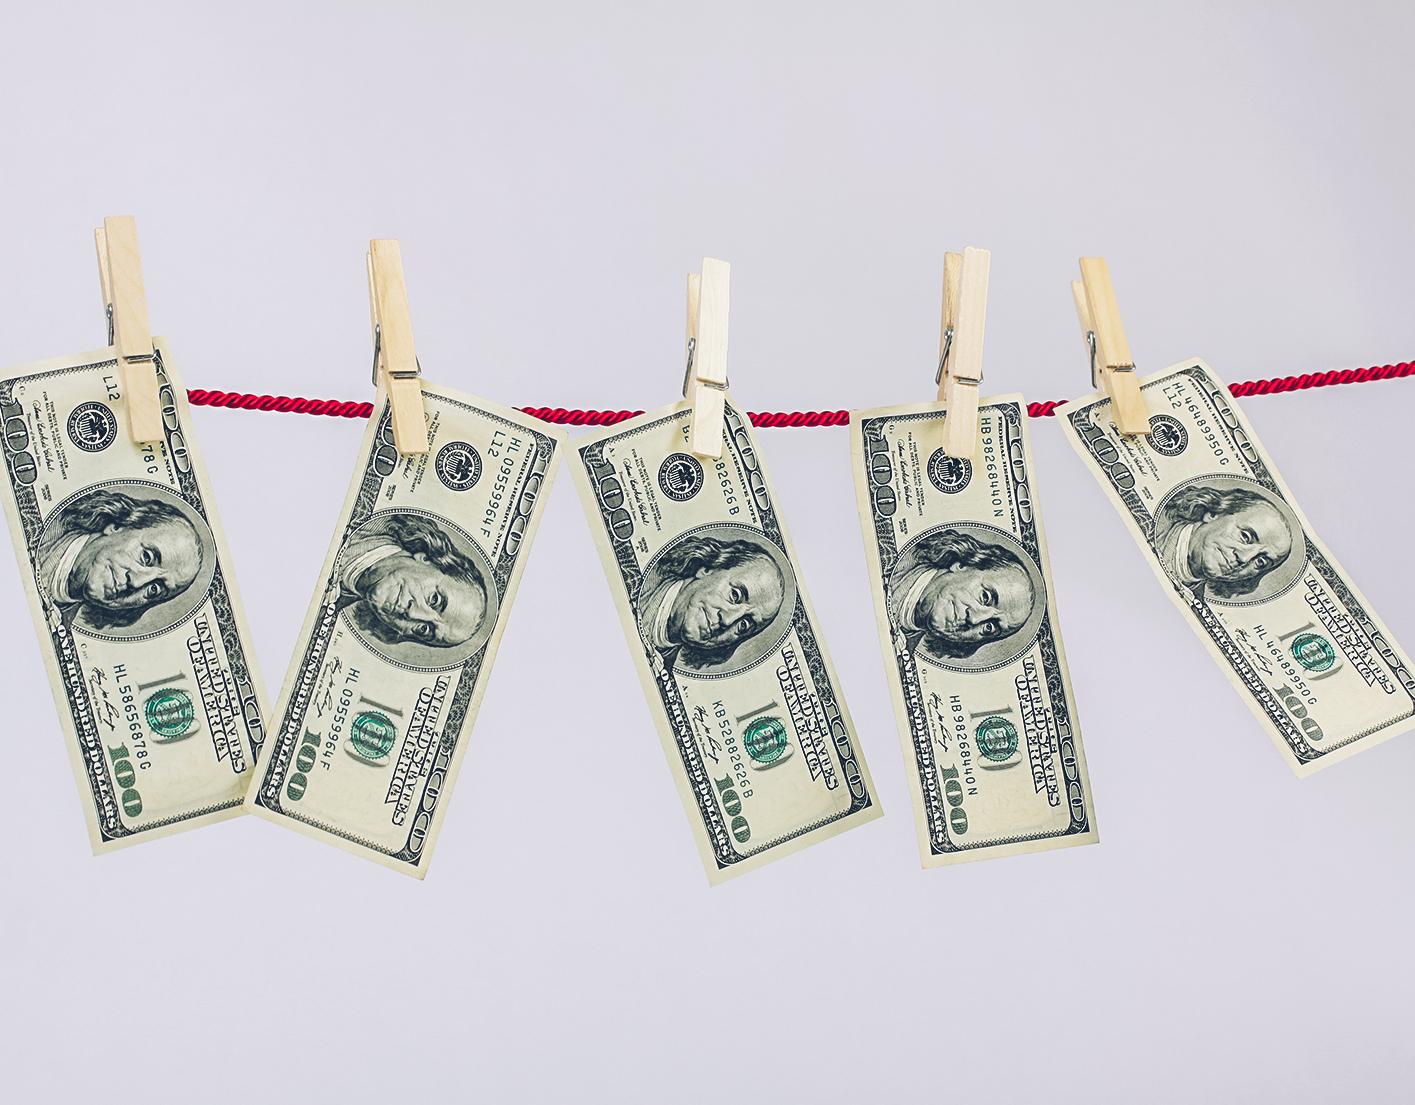 Blanqueo de capitales: obligación de inscribirse en el registro mercantil antes del 4 de septiembre de 2019